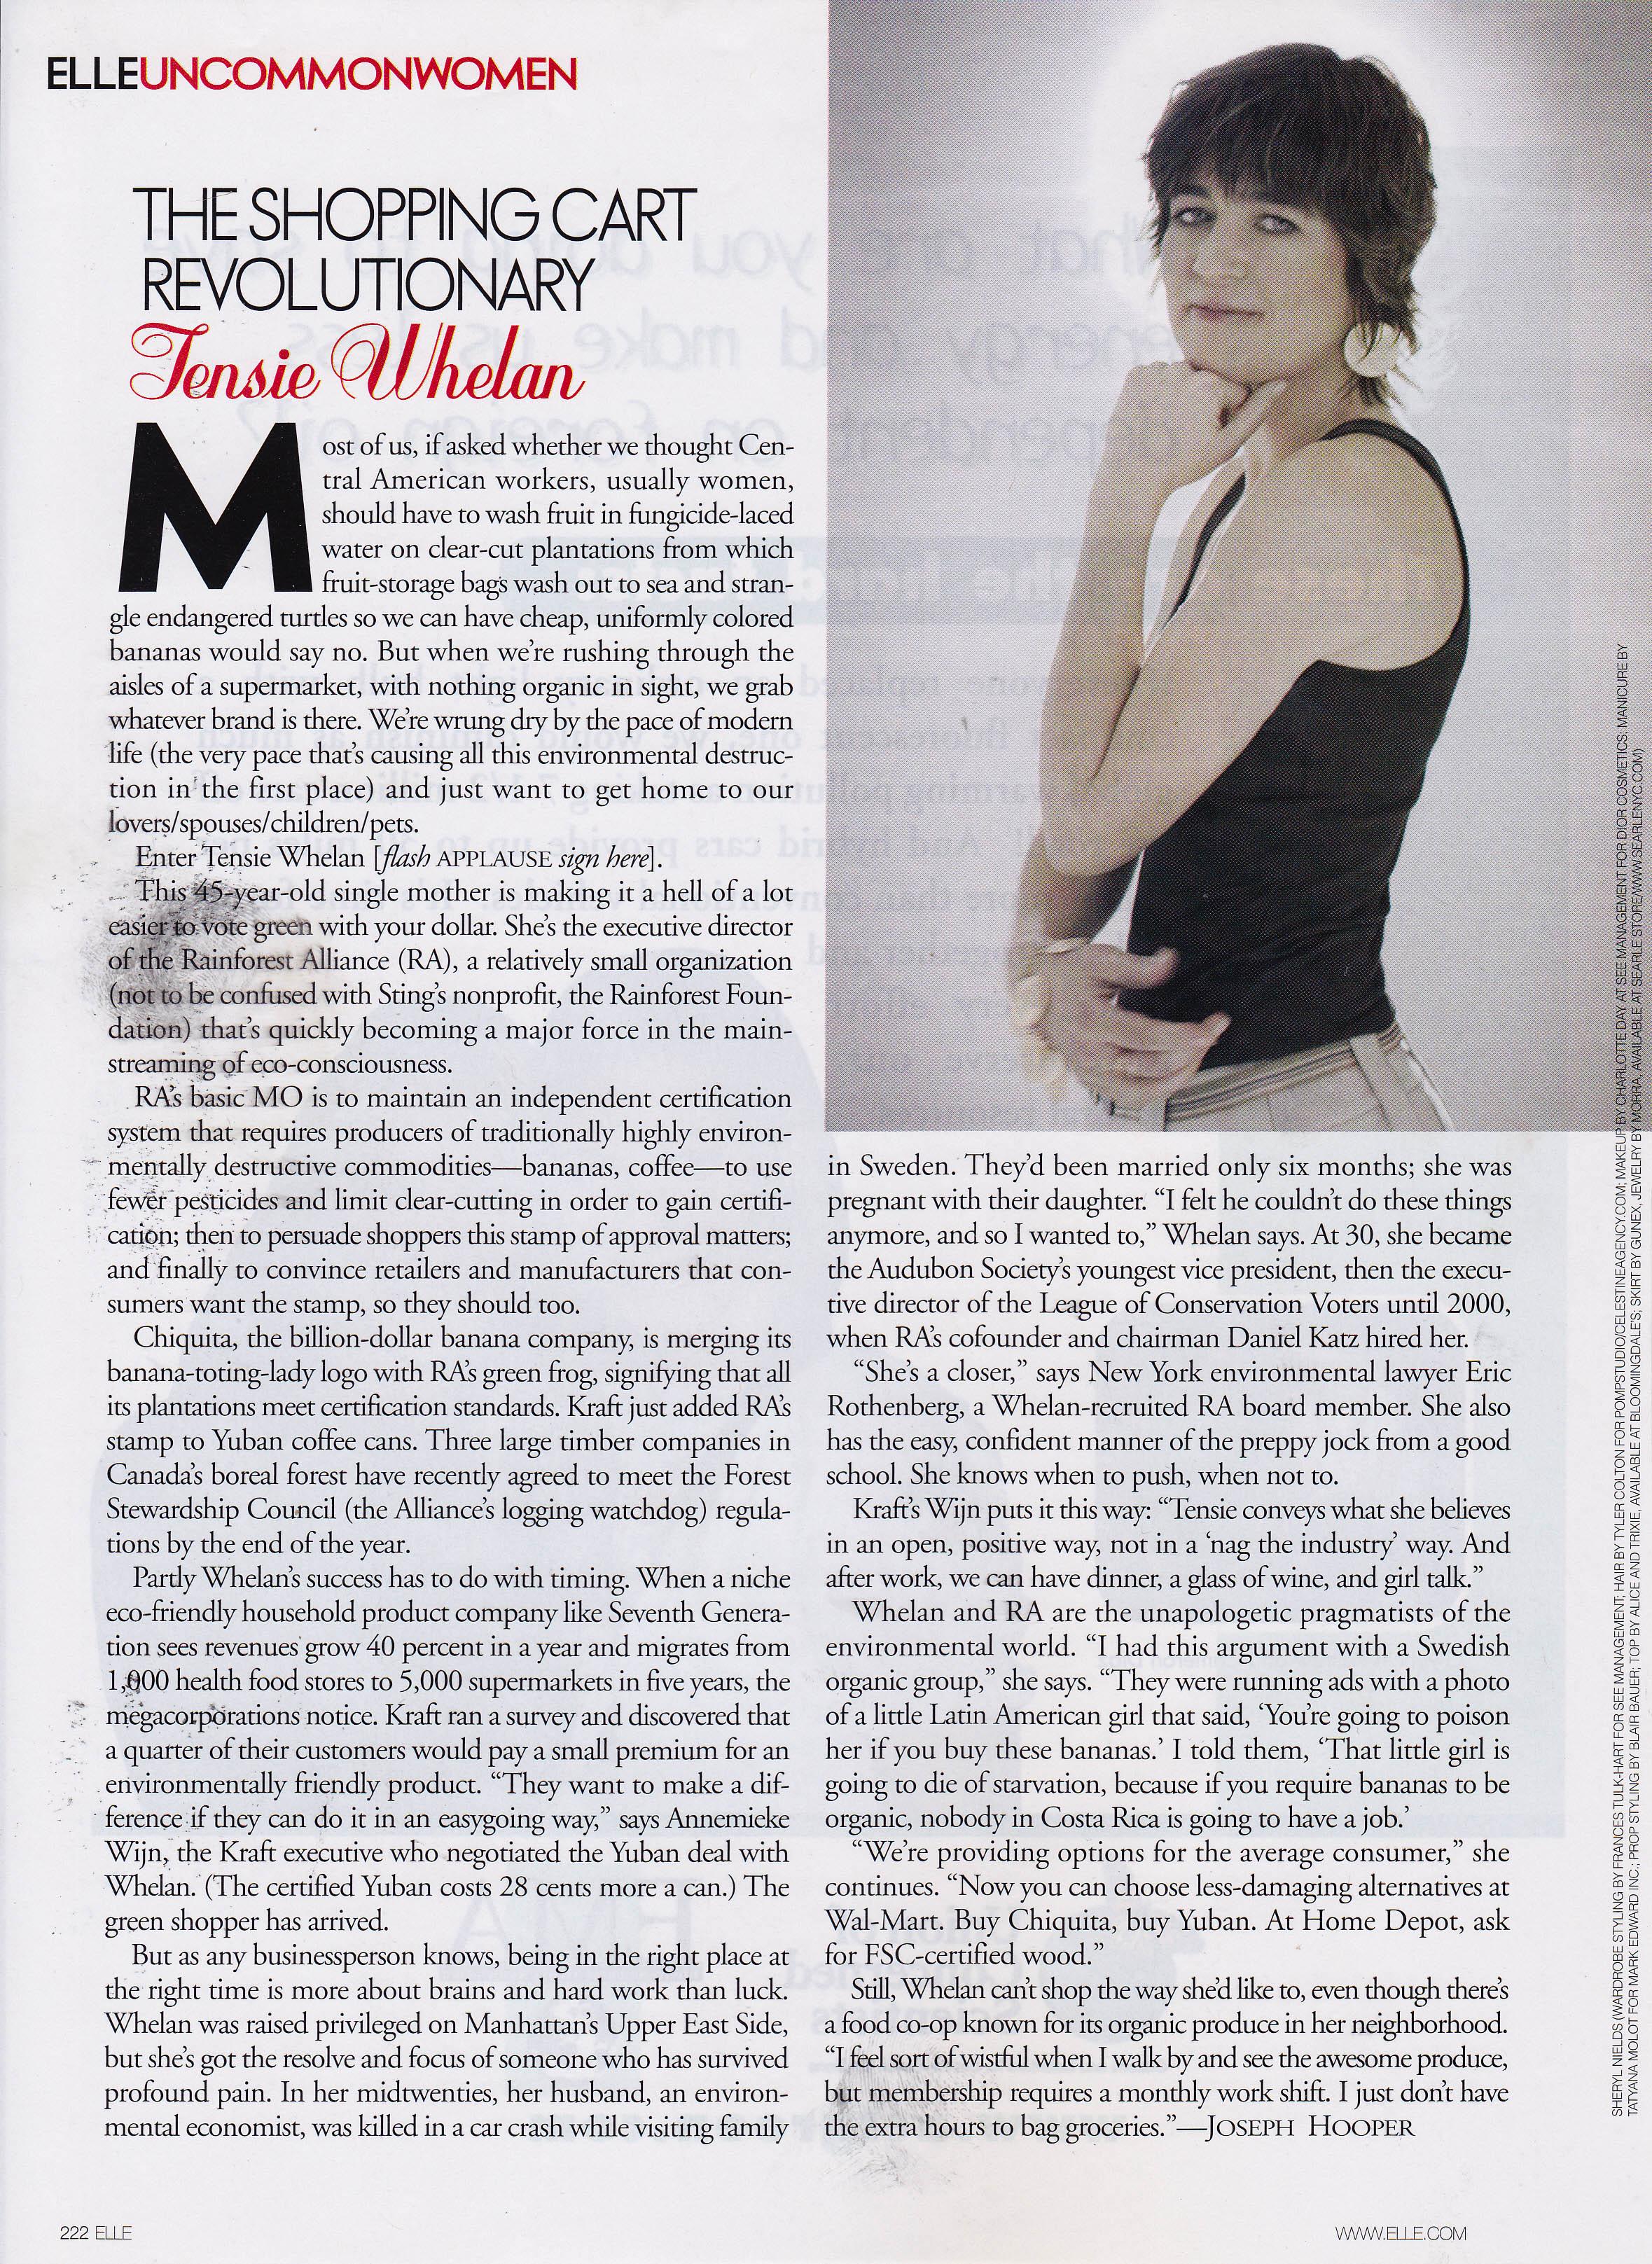 May 2006 Elle Magazine